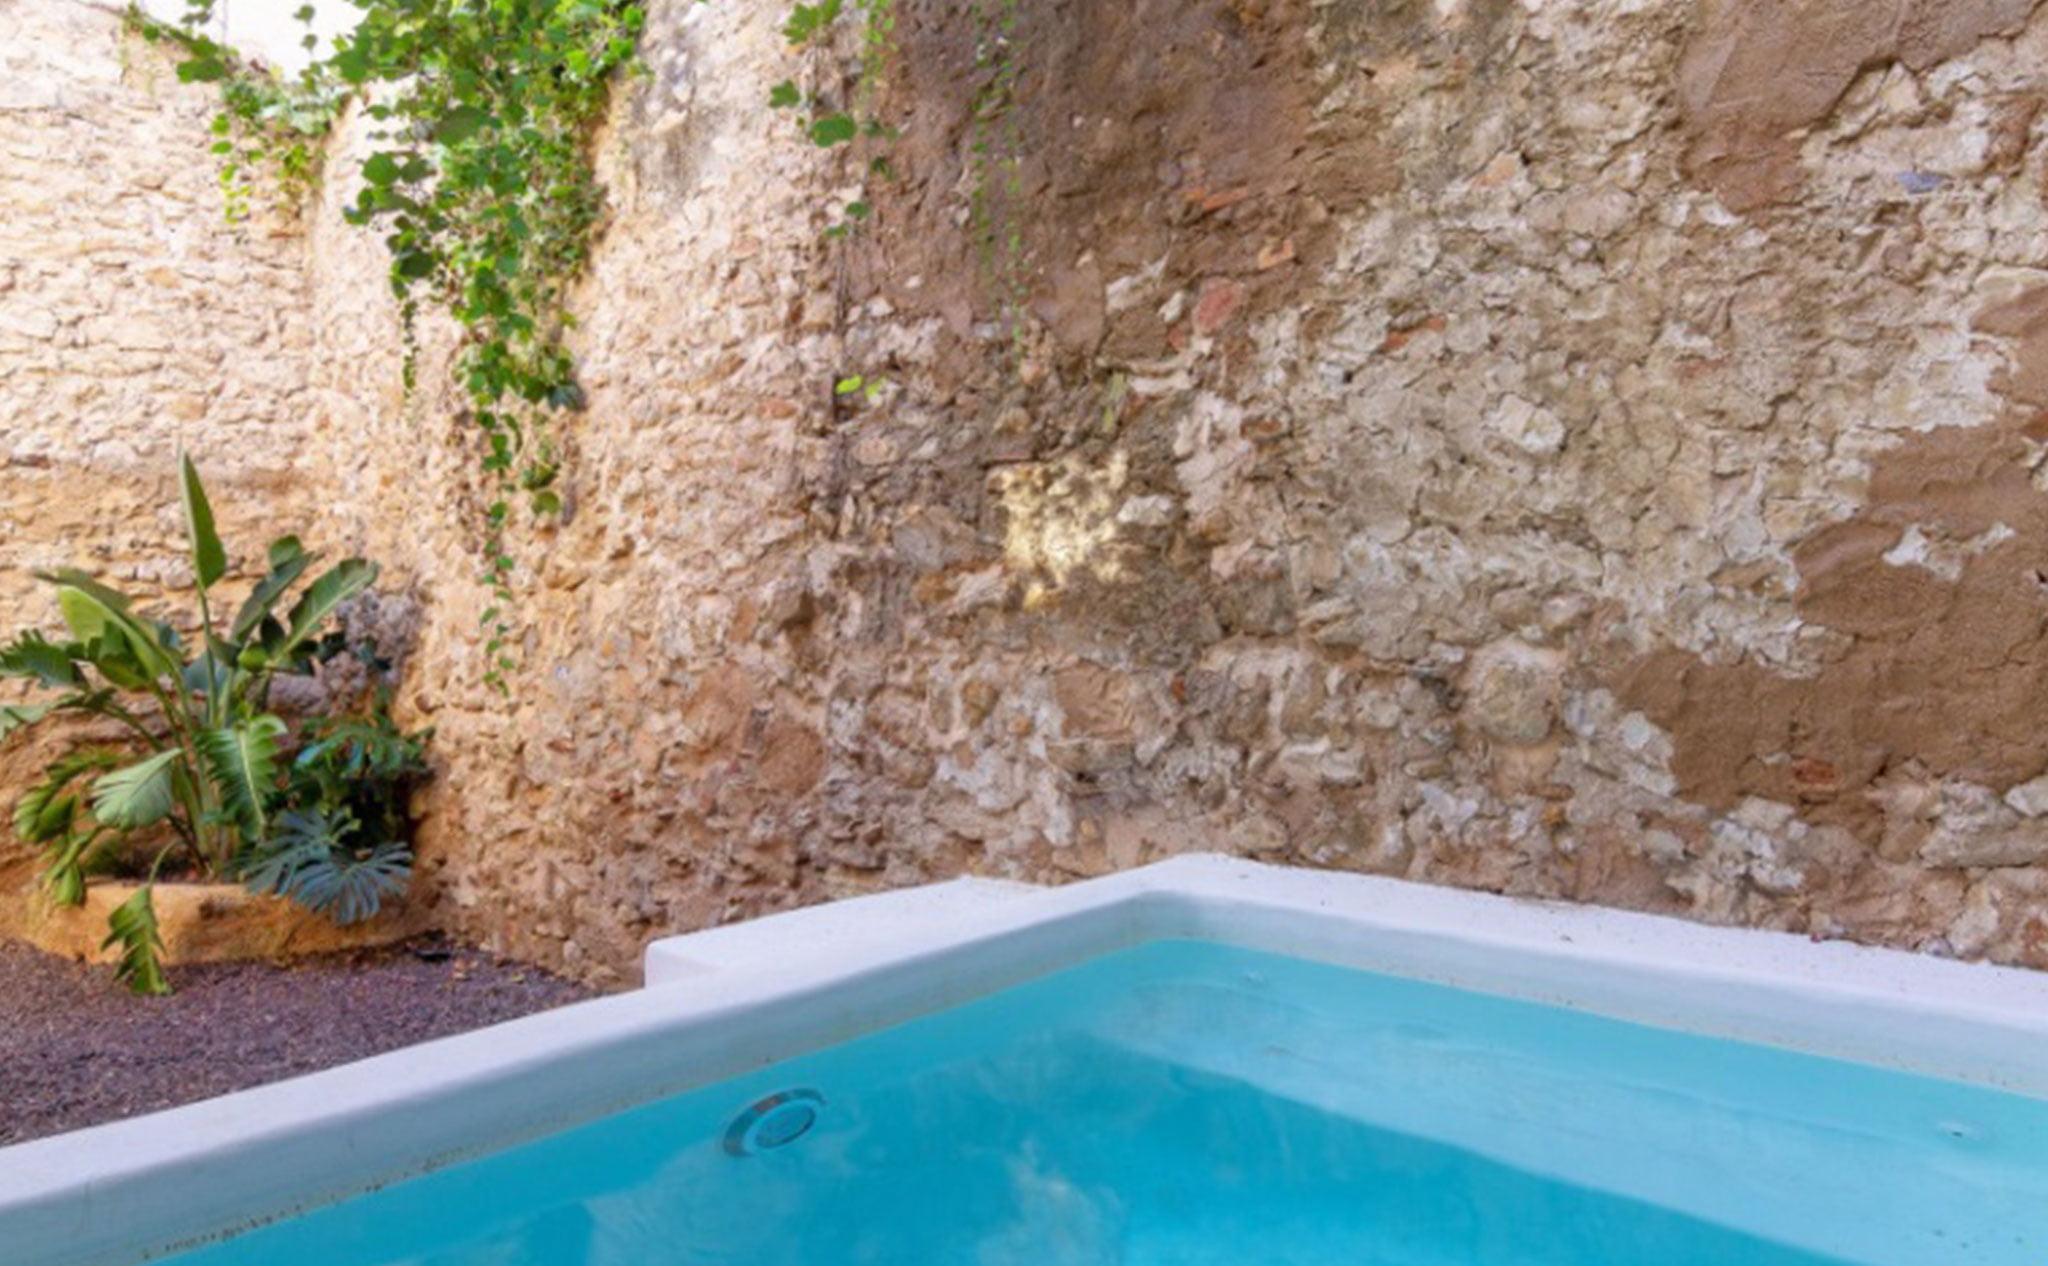 Piscina en el patio de una casa de pueblo en venta en el centro de Xàbia – MORAGUESPONS Mediterranean Houses